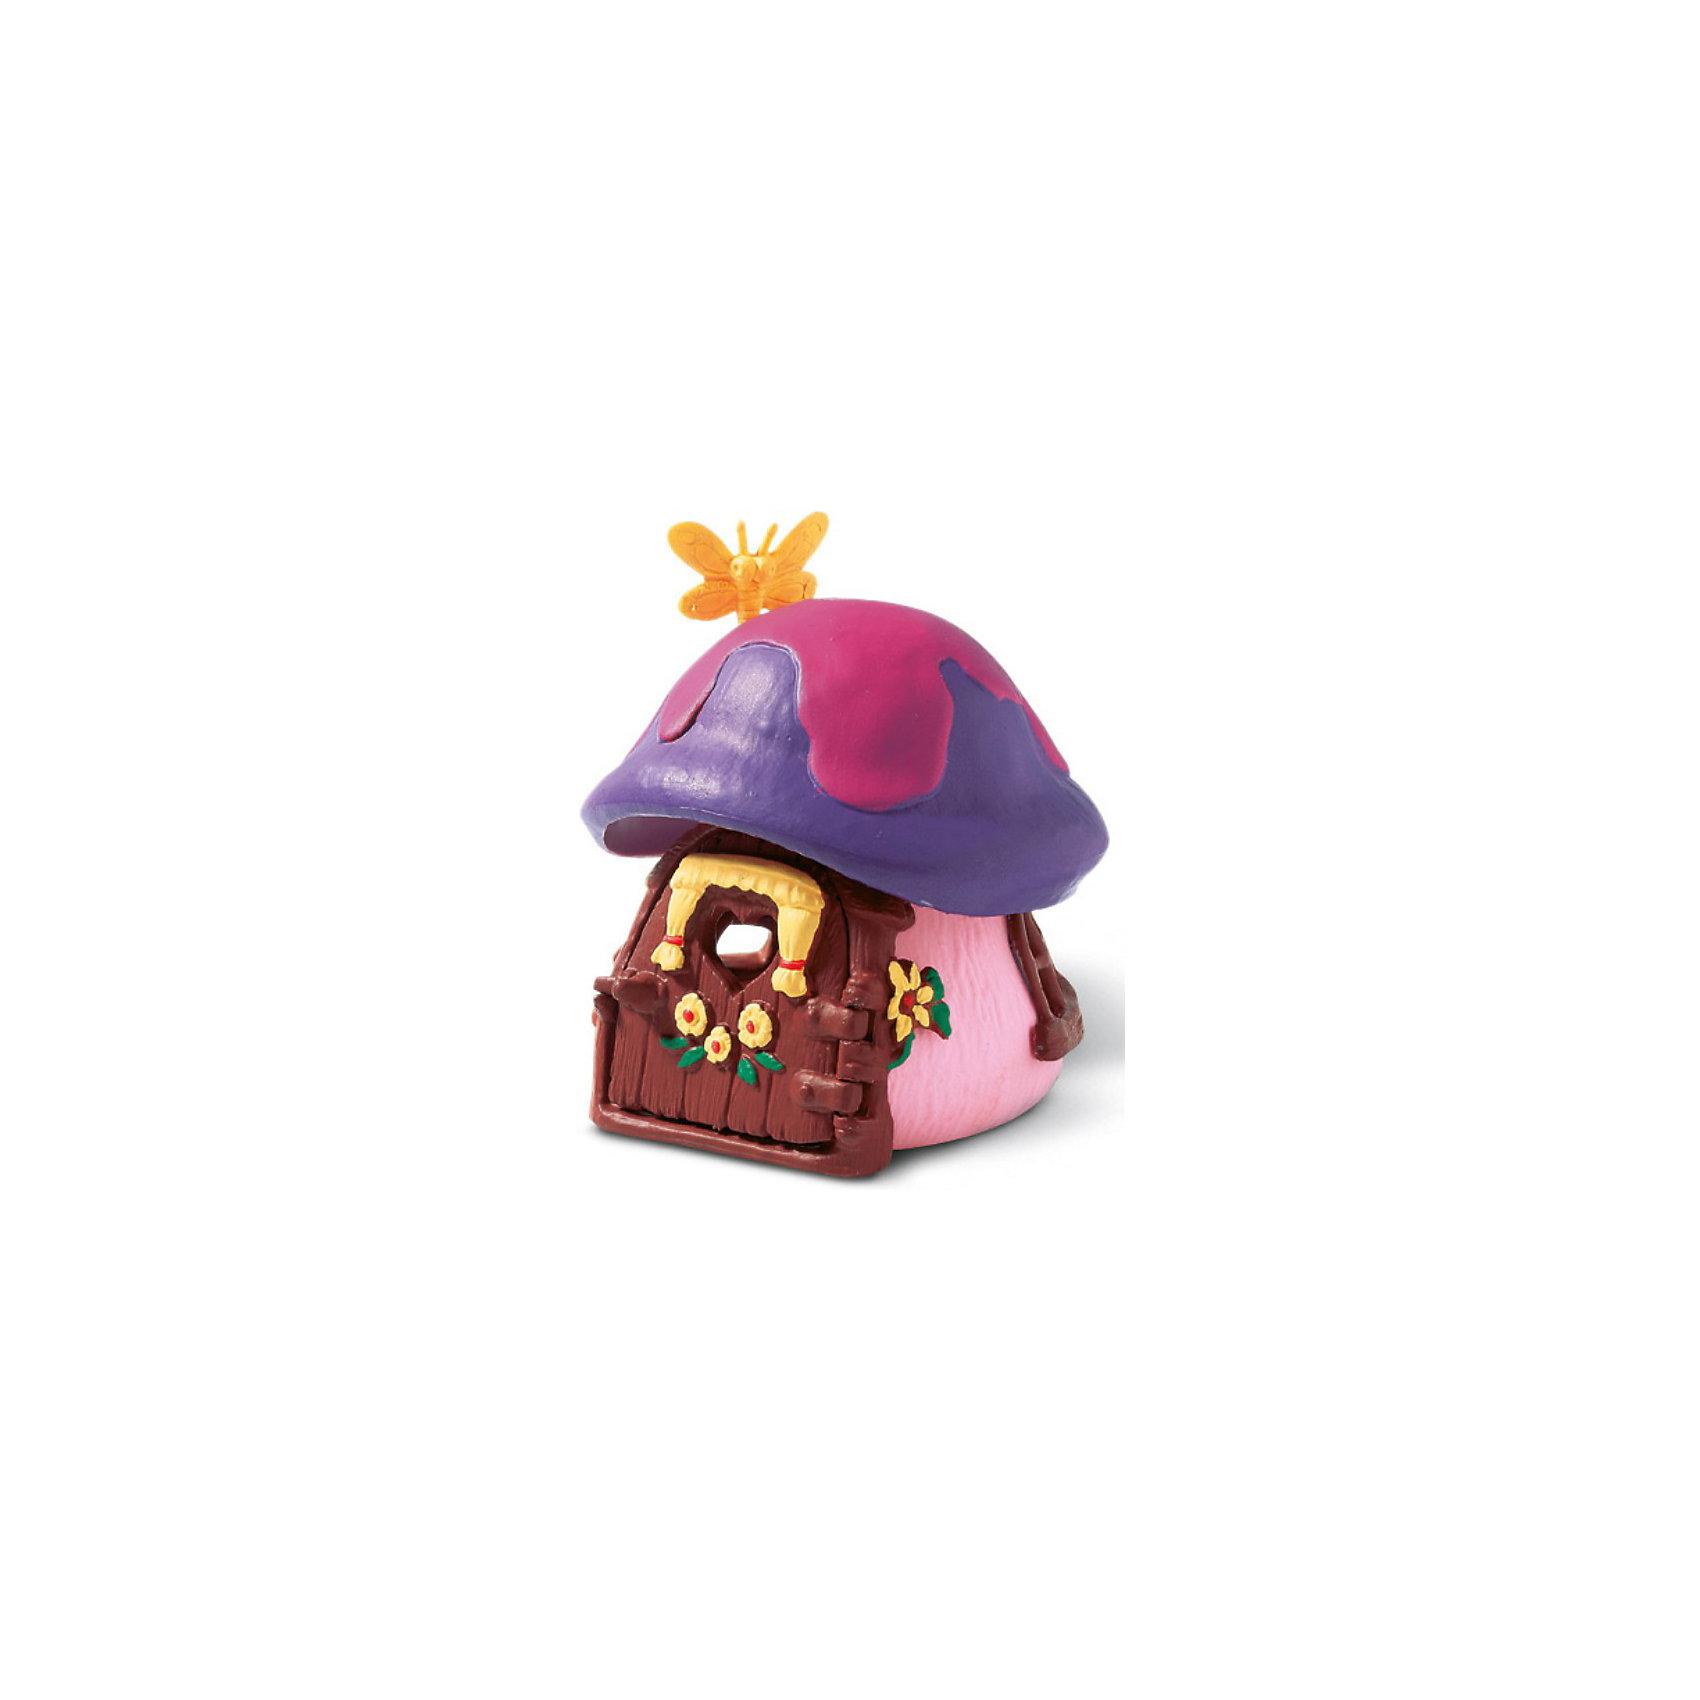 Дом Смурфетты, SchleichИгрушки<br>Дом Смурфетты, Schleich<br><br>Характеристики:<br><br>• Размер: 9,2 x 9,9 x 11,5 см<br>• Цвет: фиолетовый, розовый<br>• Материал: пластмасса (ПВХ)<br>• Возраст: от 3 до 8 лет<br><br>Маленький домик Смурфетты – это отличное дополнение в коллекцию. Качественный дом сделан из безопасных и надежных материалов. Красочный и яркий домик с открывающейся дверцей и небольшим окошком, расписан вручную. Краски не тускнеют и не осыпаются. Дети будут в восторге, играя с таким домиком.<br> <br>Дом Смурфетты, Schleich можно купить в нашем интернет-магазине.<br><br>Ширина мм: 125<br>Глубина мм: 121<br>Высота мм: 122<br>Вес г: 219<br>Возраст от месяцев: 36<br>Возраст до месяцев: 96<br>Пол: Унисекс<br>Возраст: Детский<br>SKU: 1600018